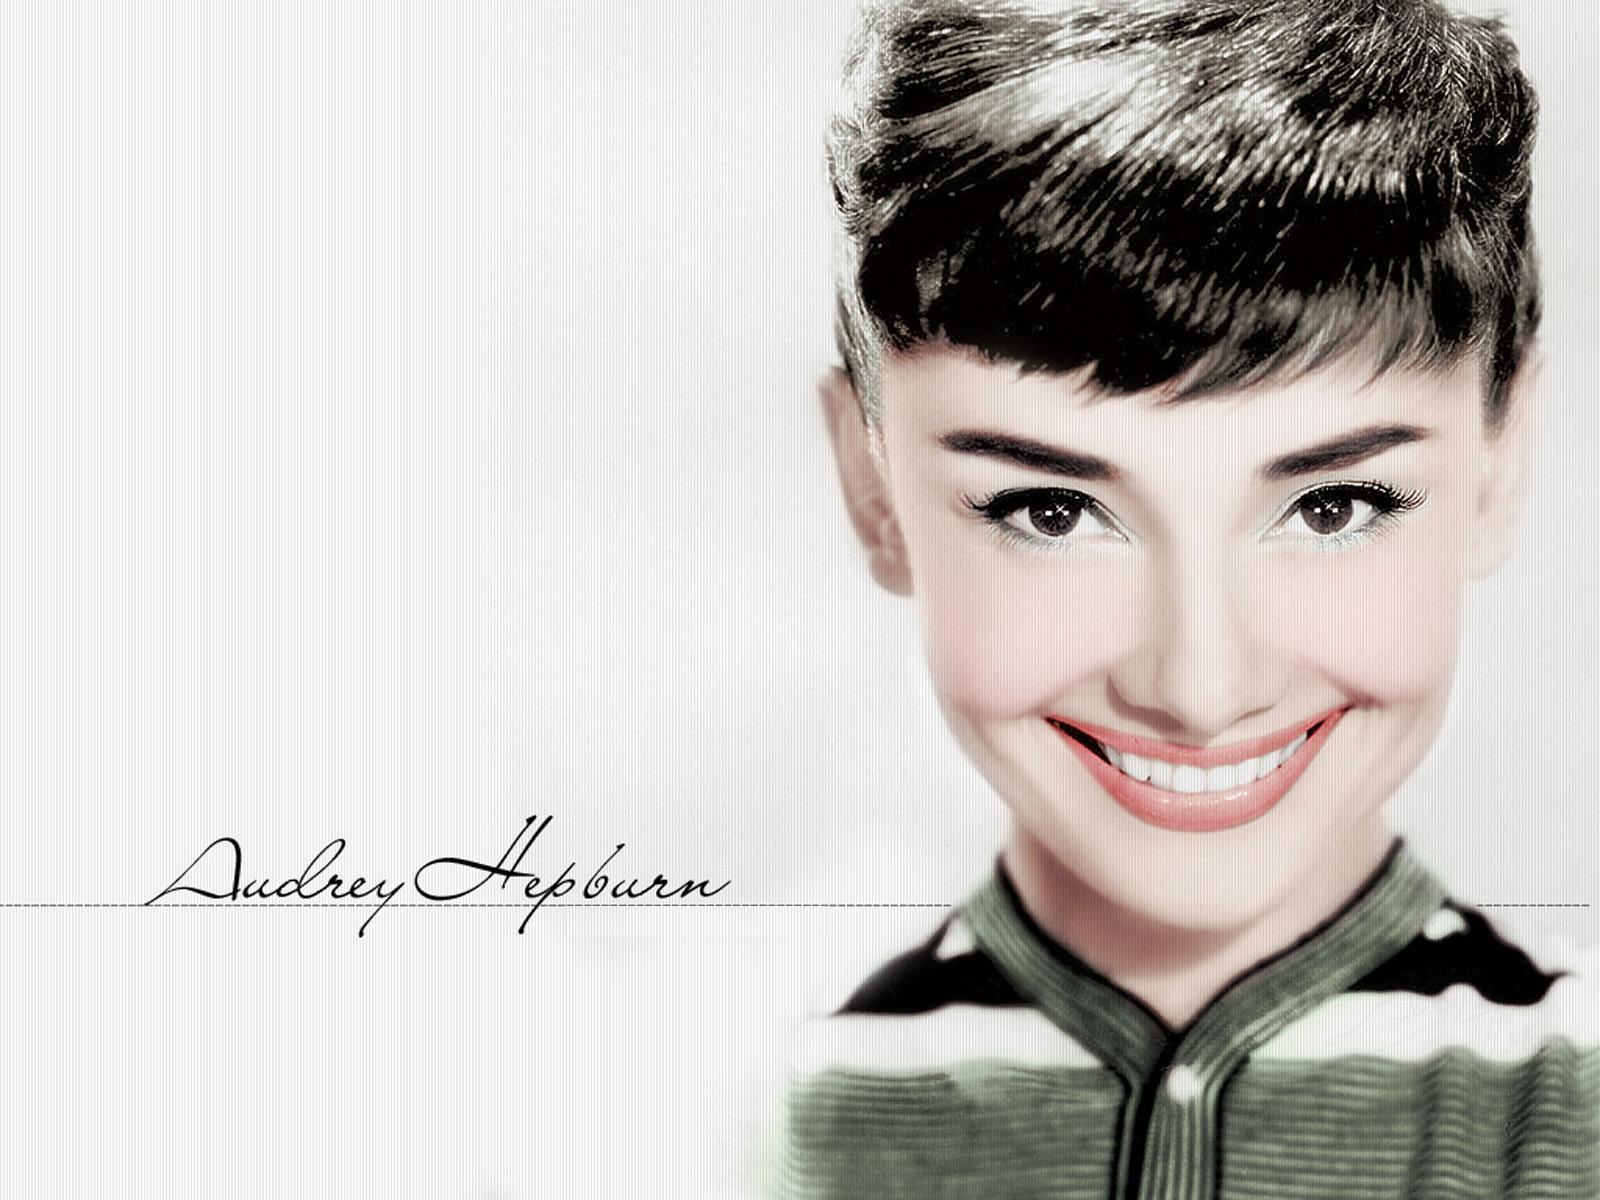 Audrey Hepburn Smile Wallpapers HD 1600x1200